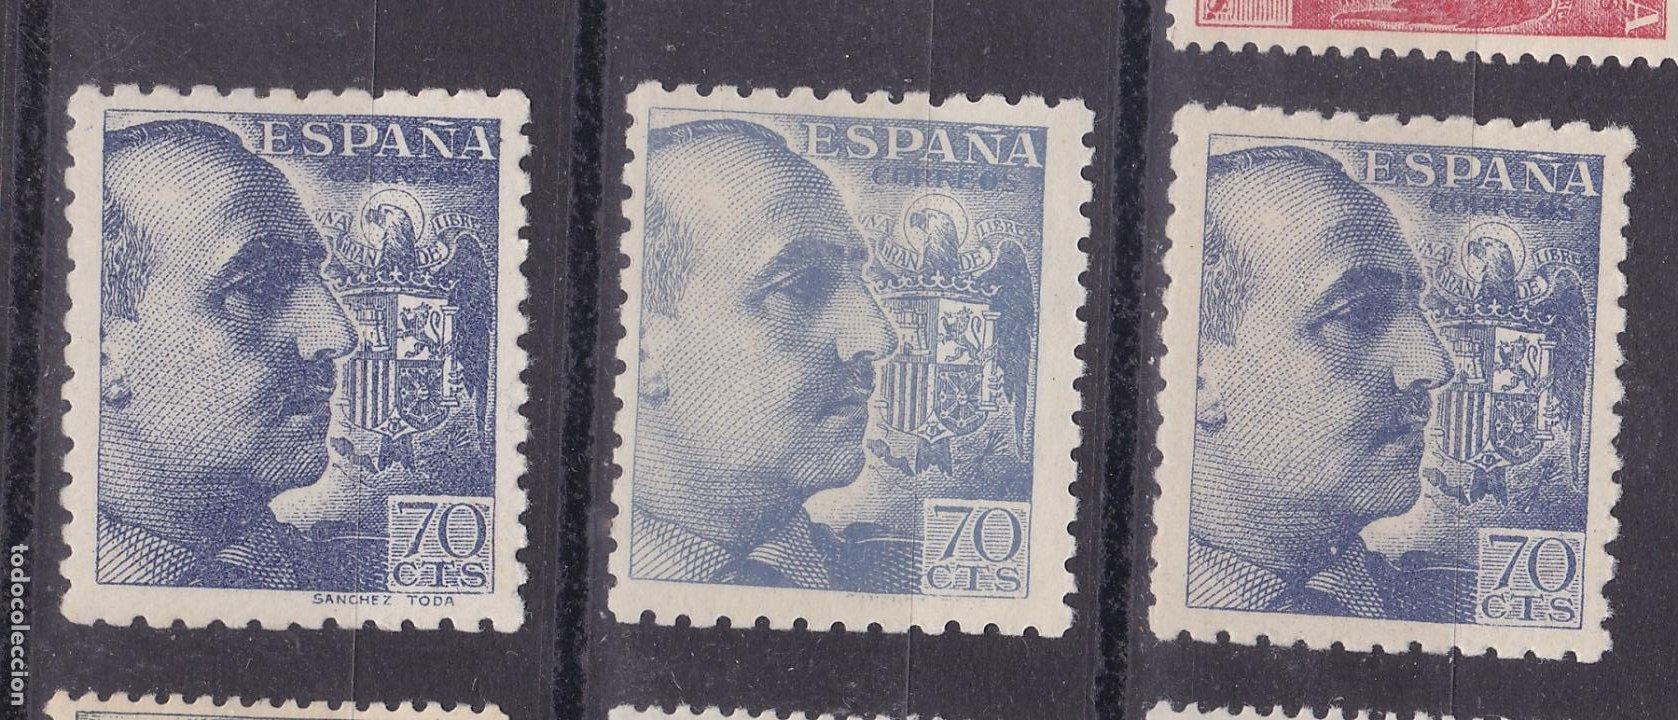 LL3- FRANCO EDIFIL 929 X 3 SELLOS NUEVOS VARIEDADES ** SIN FIJASELLOS. (Sellos - España - Estado Español - De 1.936 a 1.949 - Nuevos)